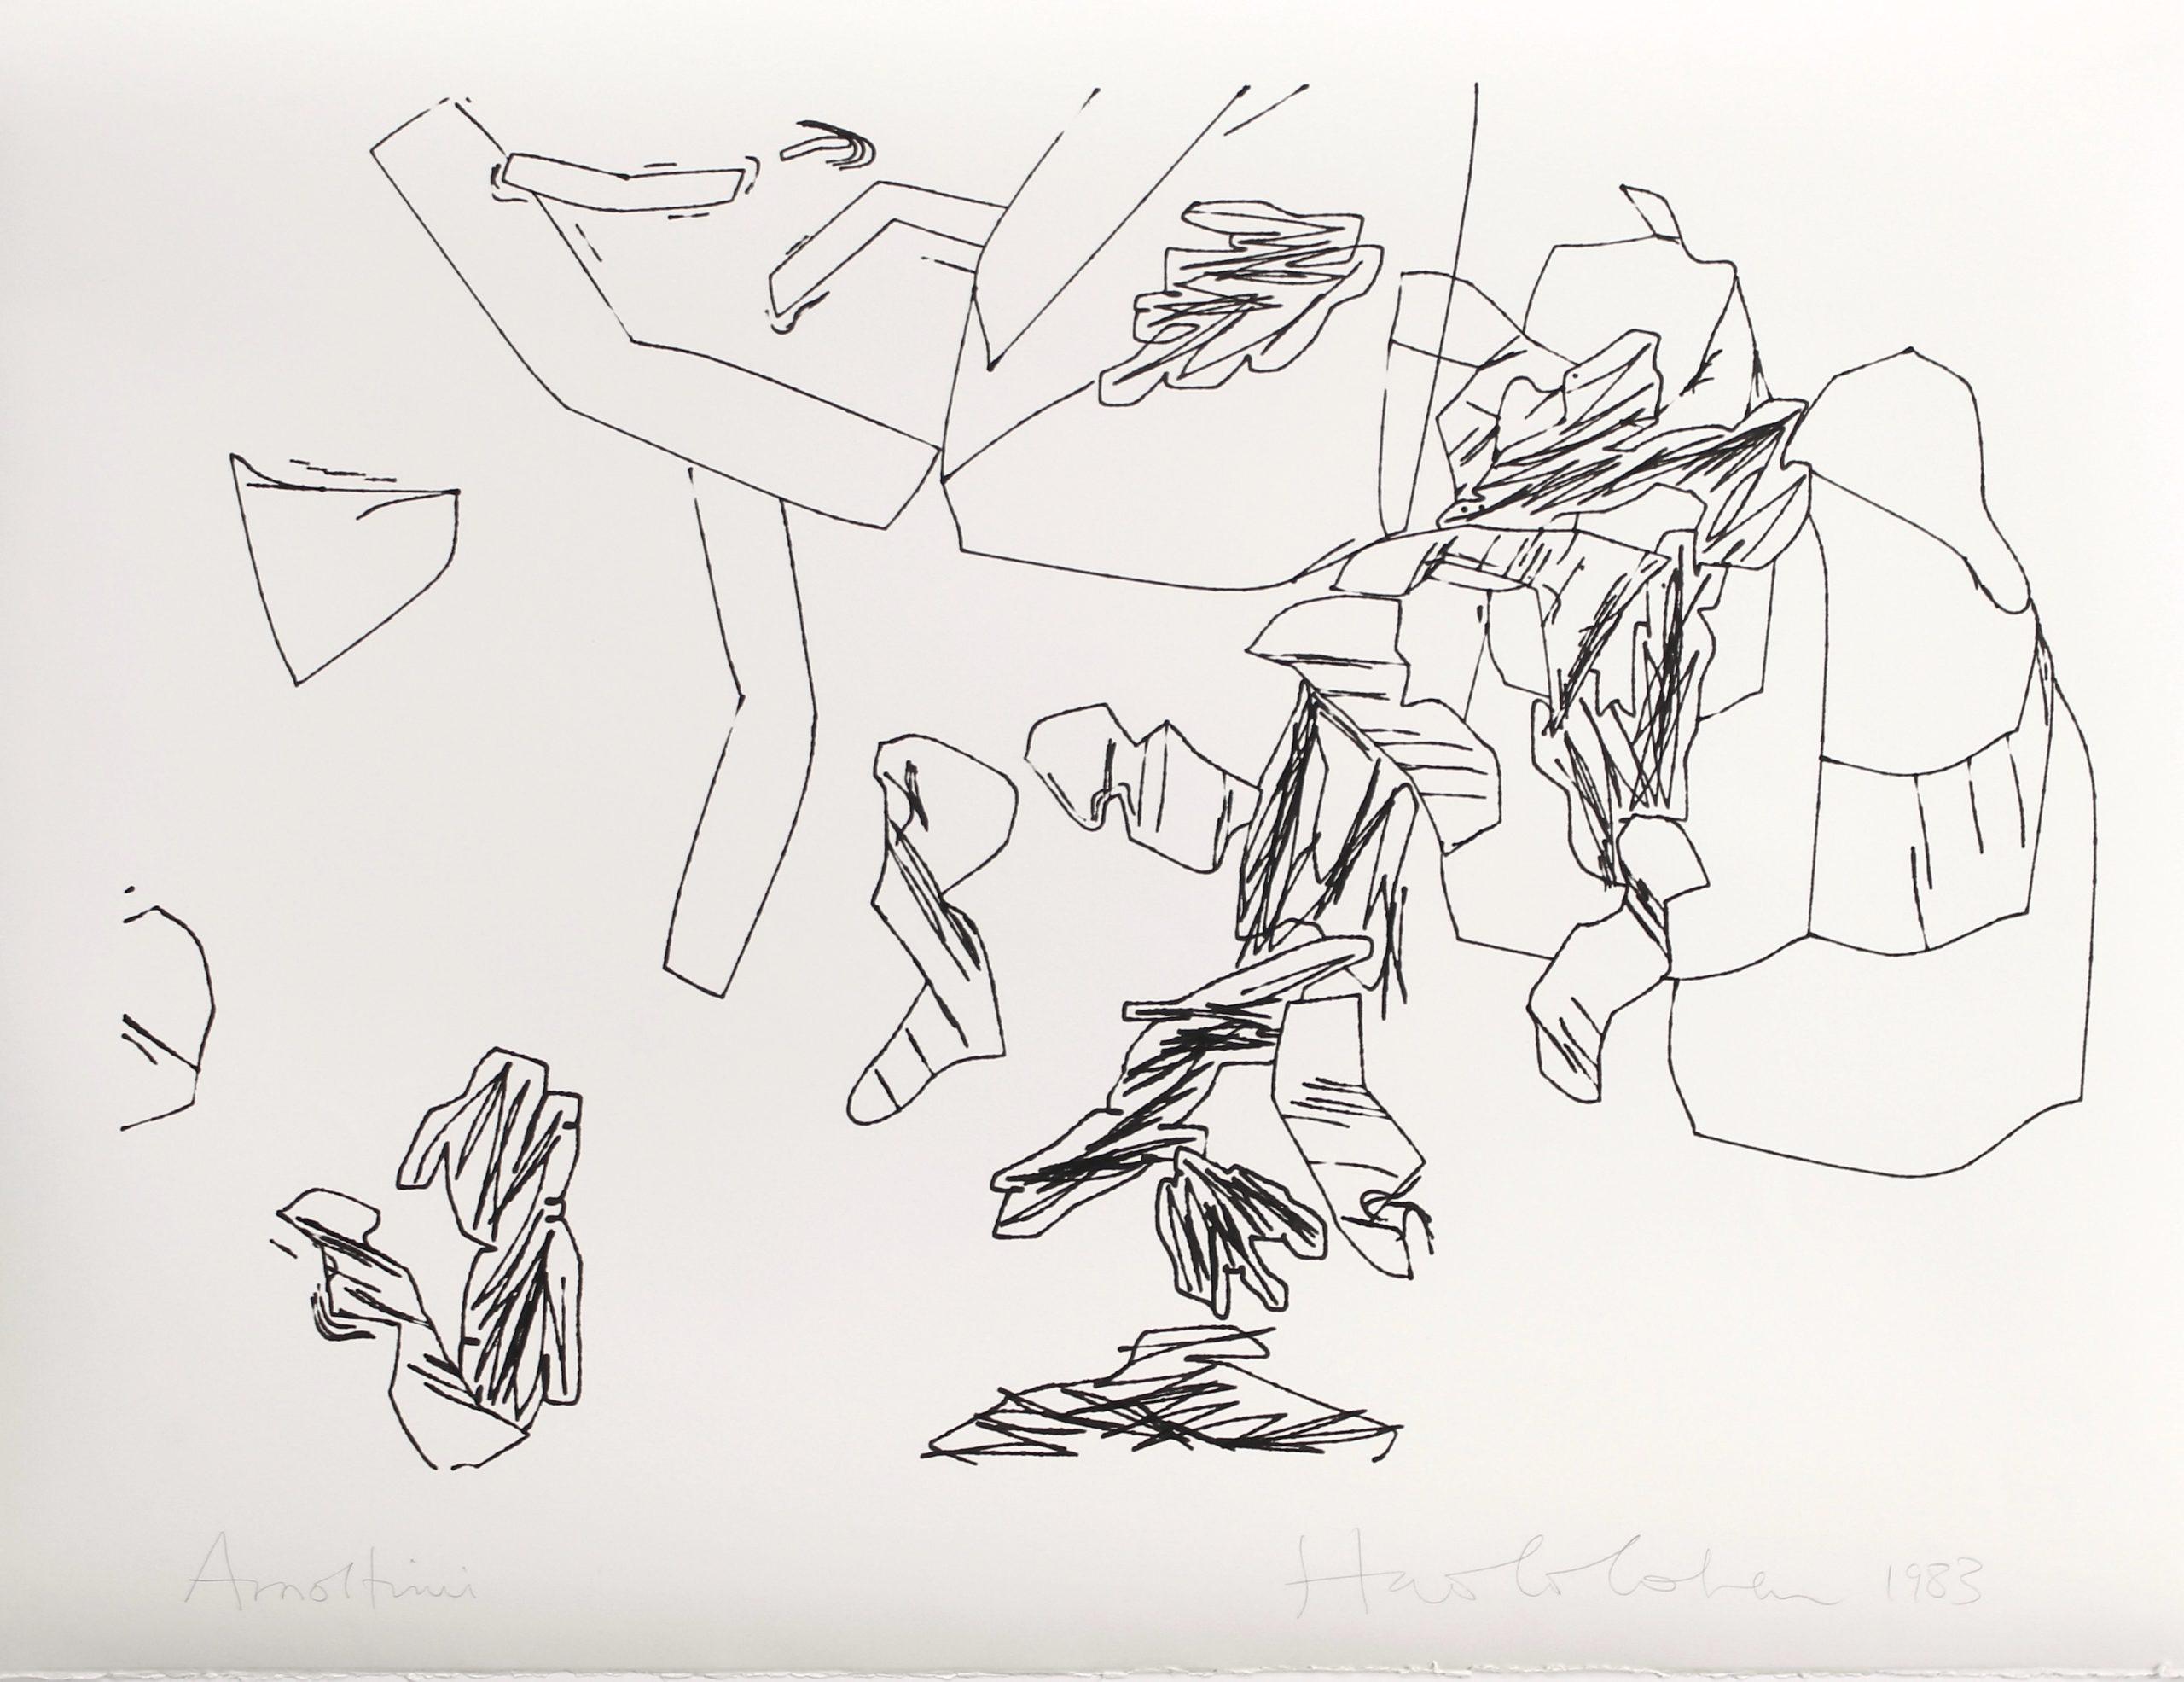 Harold Cohen, ohne Titel, Plotterzeichnung, Tinte auf Papier, 57 × 76 cm, 1983, Preis: 4 000 Euro